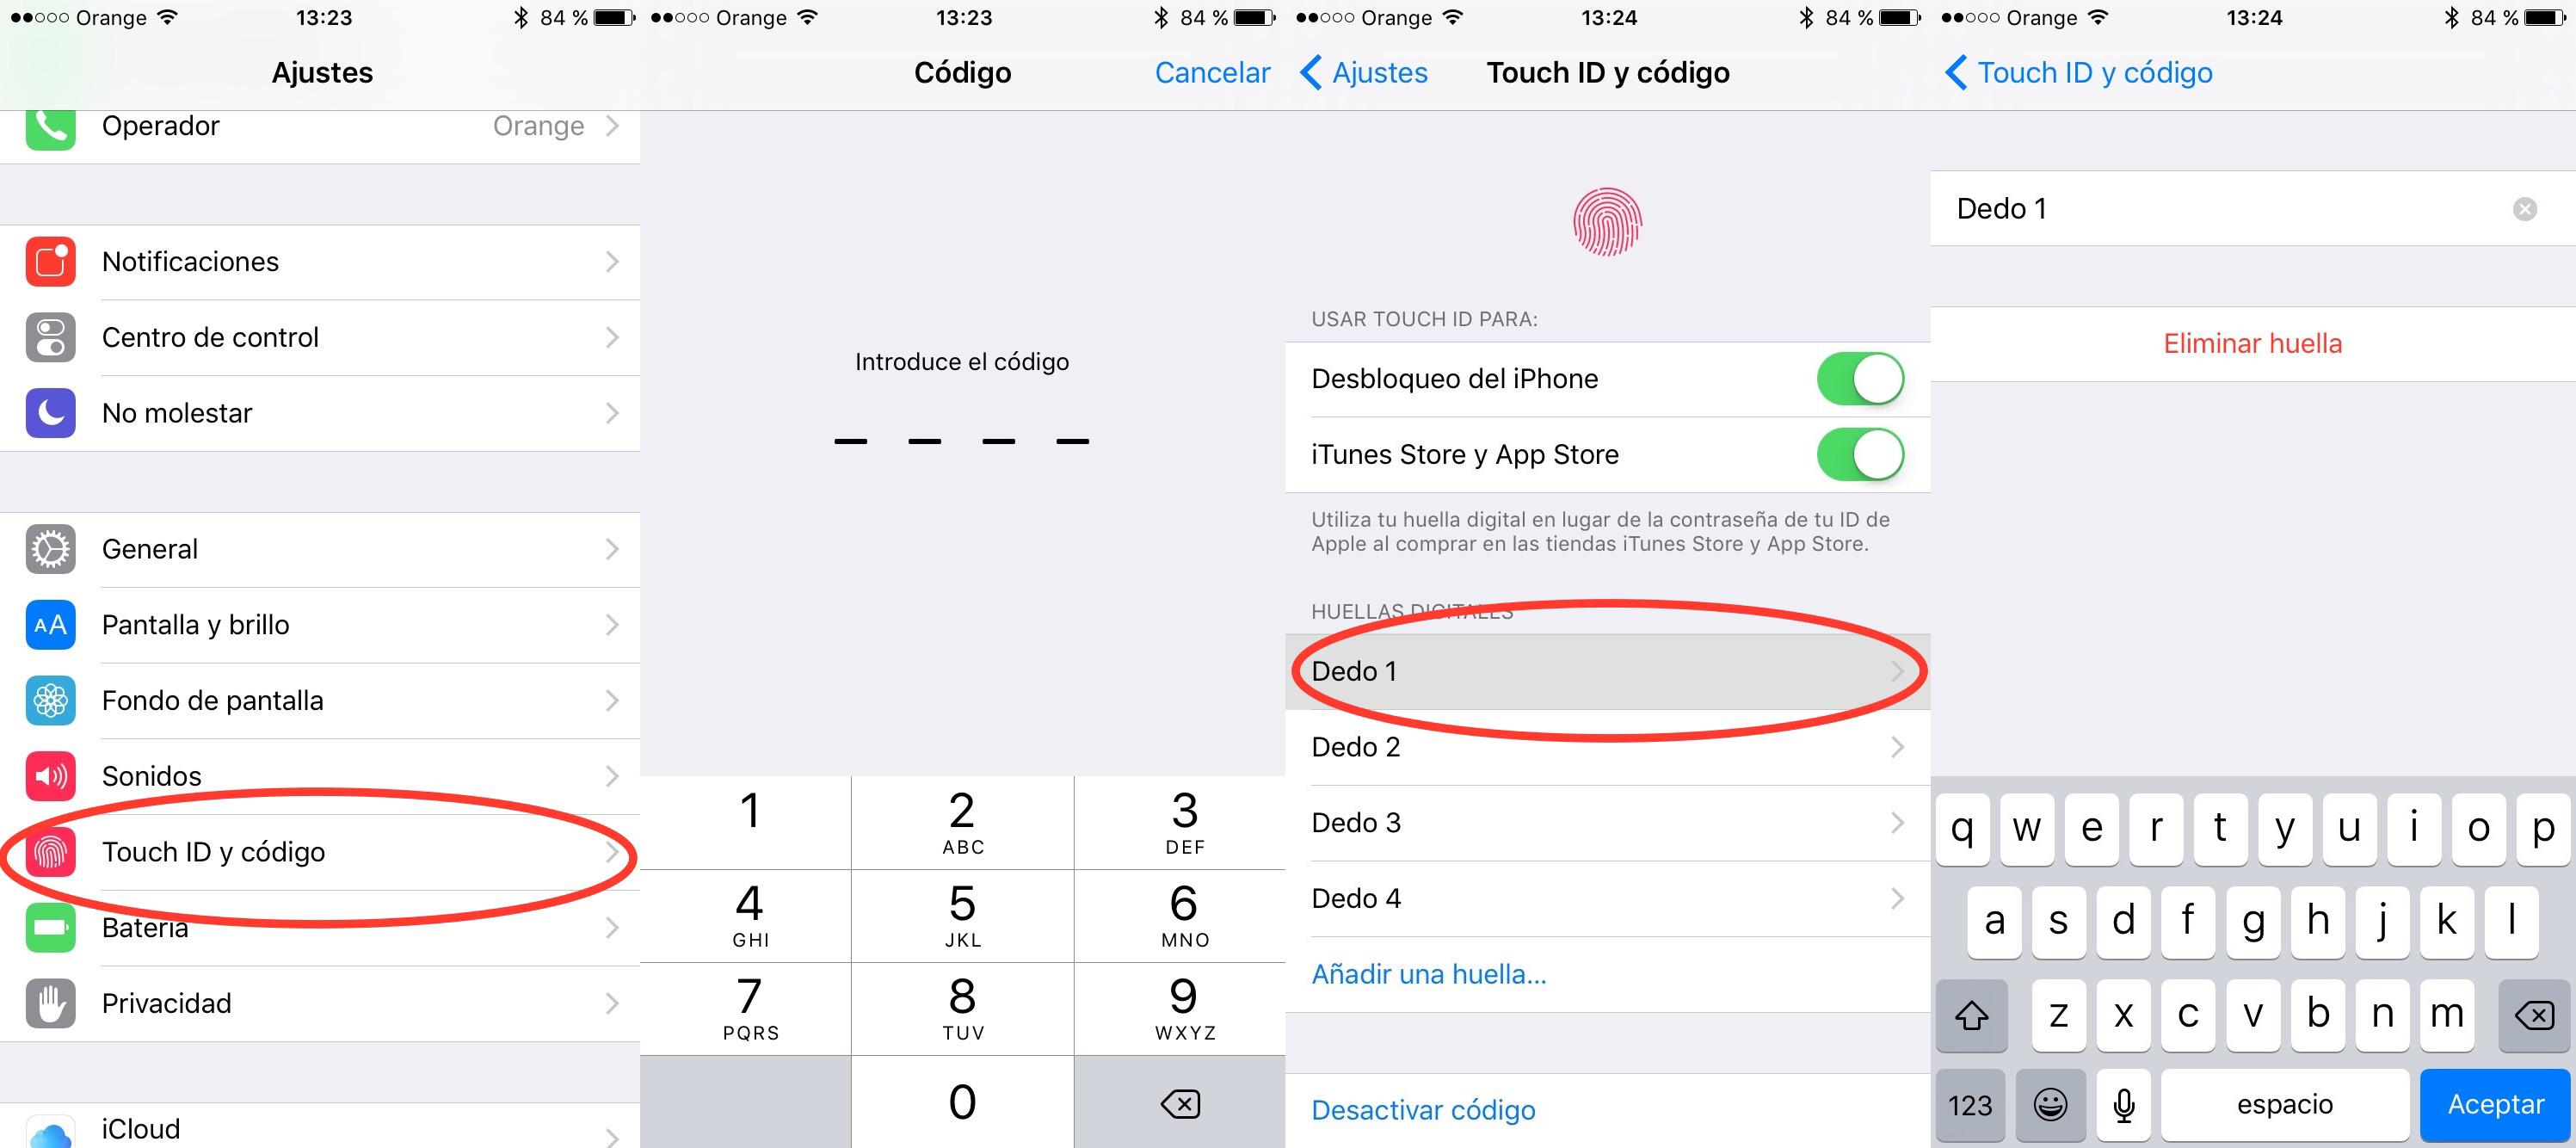 Permalink to Cómo saber el dedo asignado a cada huella Touch ID en iPhone y iPad